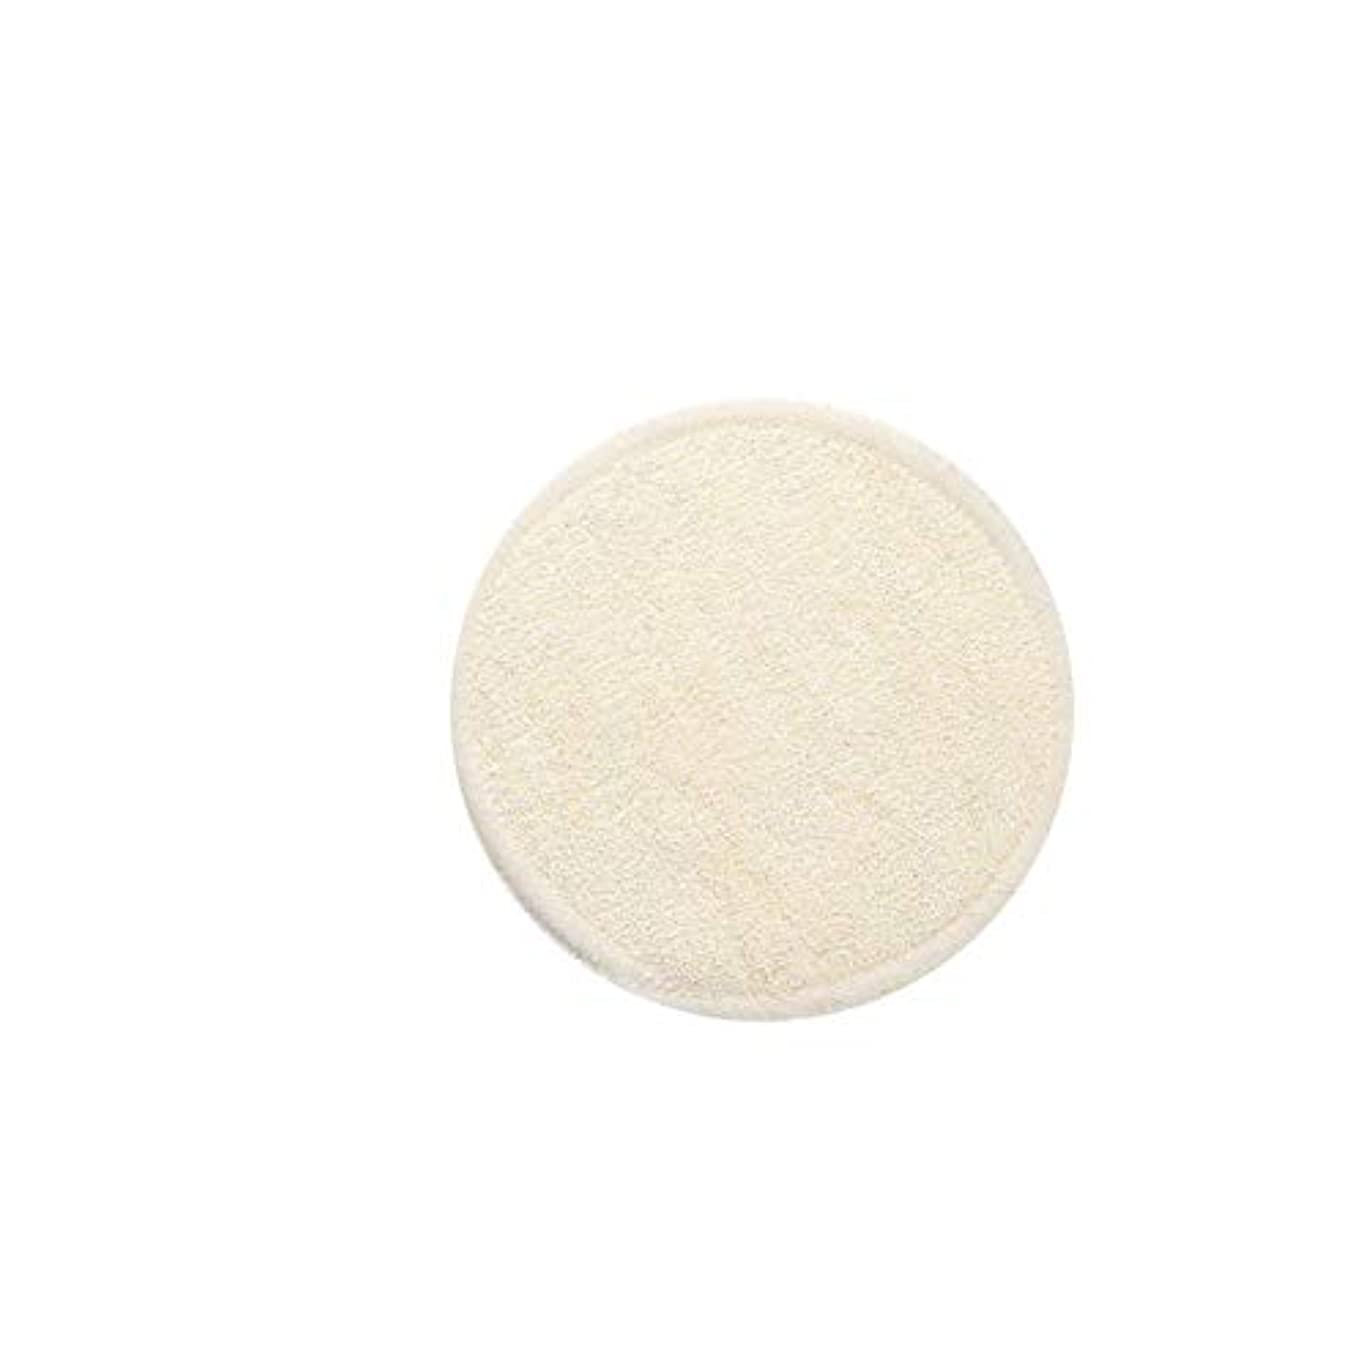 要件輝く誇張するコットンシート除去白色ユビキタスオーガニックコットン綿再利用可能なワイピング面を意味10綿竹